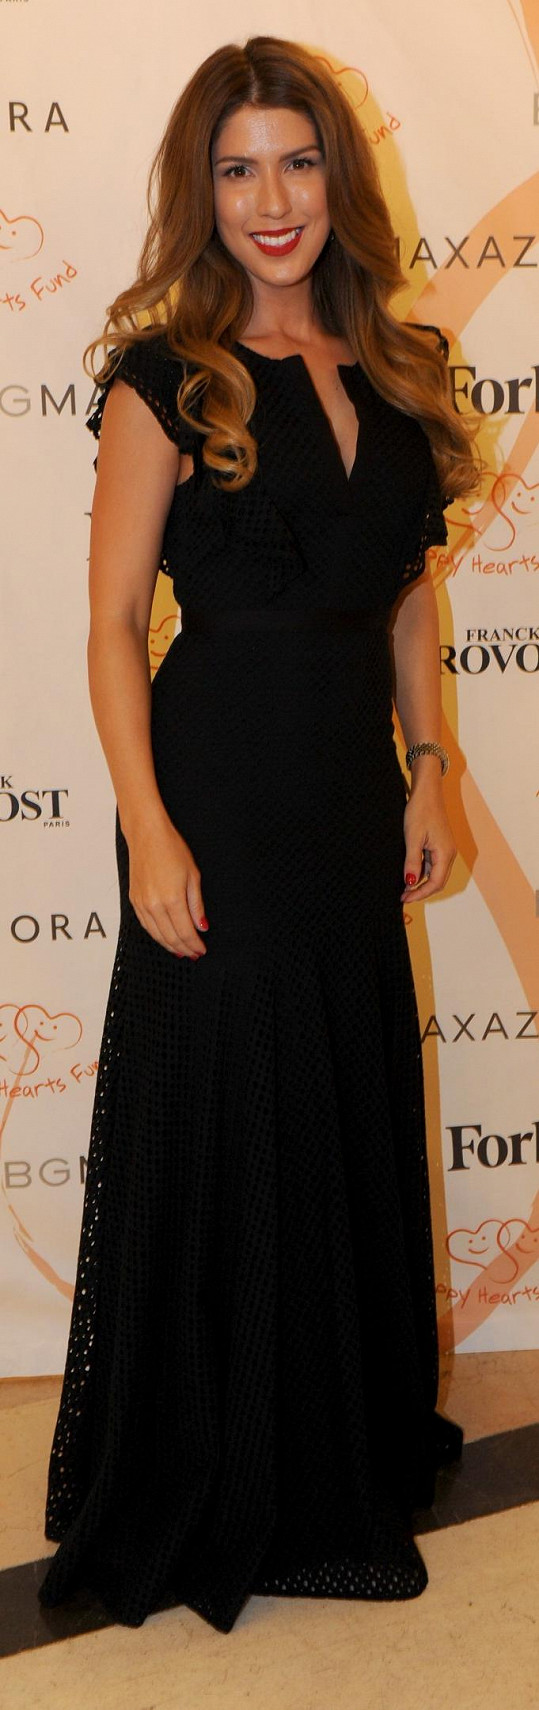 Zpěvačka Victoria moderovala první část charitativního večera v černém modelu od Bcbgmaxazria. Hlavní roli hrály její vlasy s měkkou vlnou.